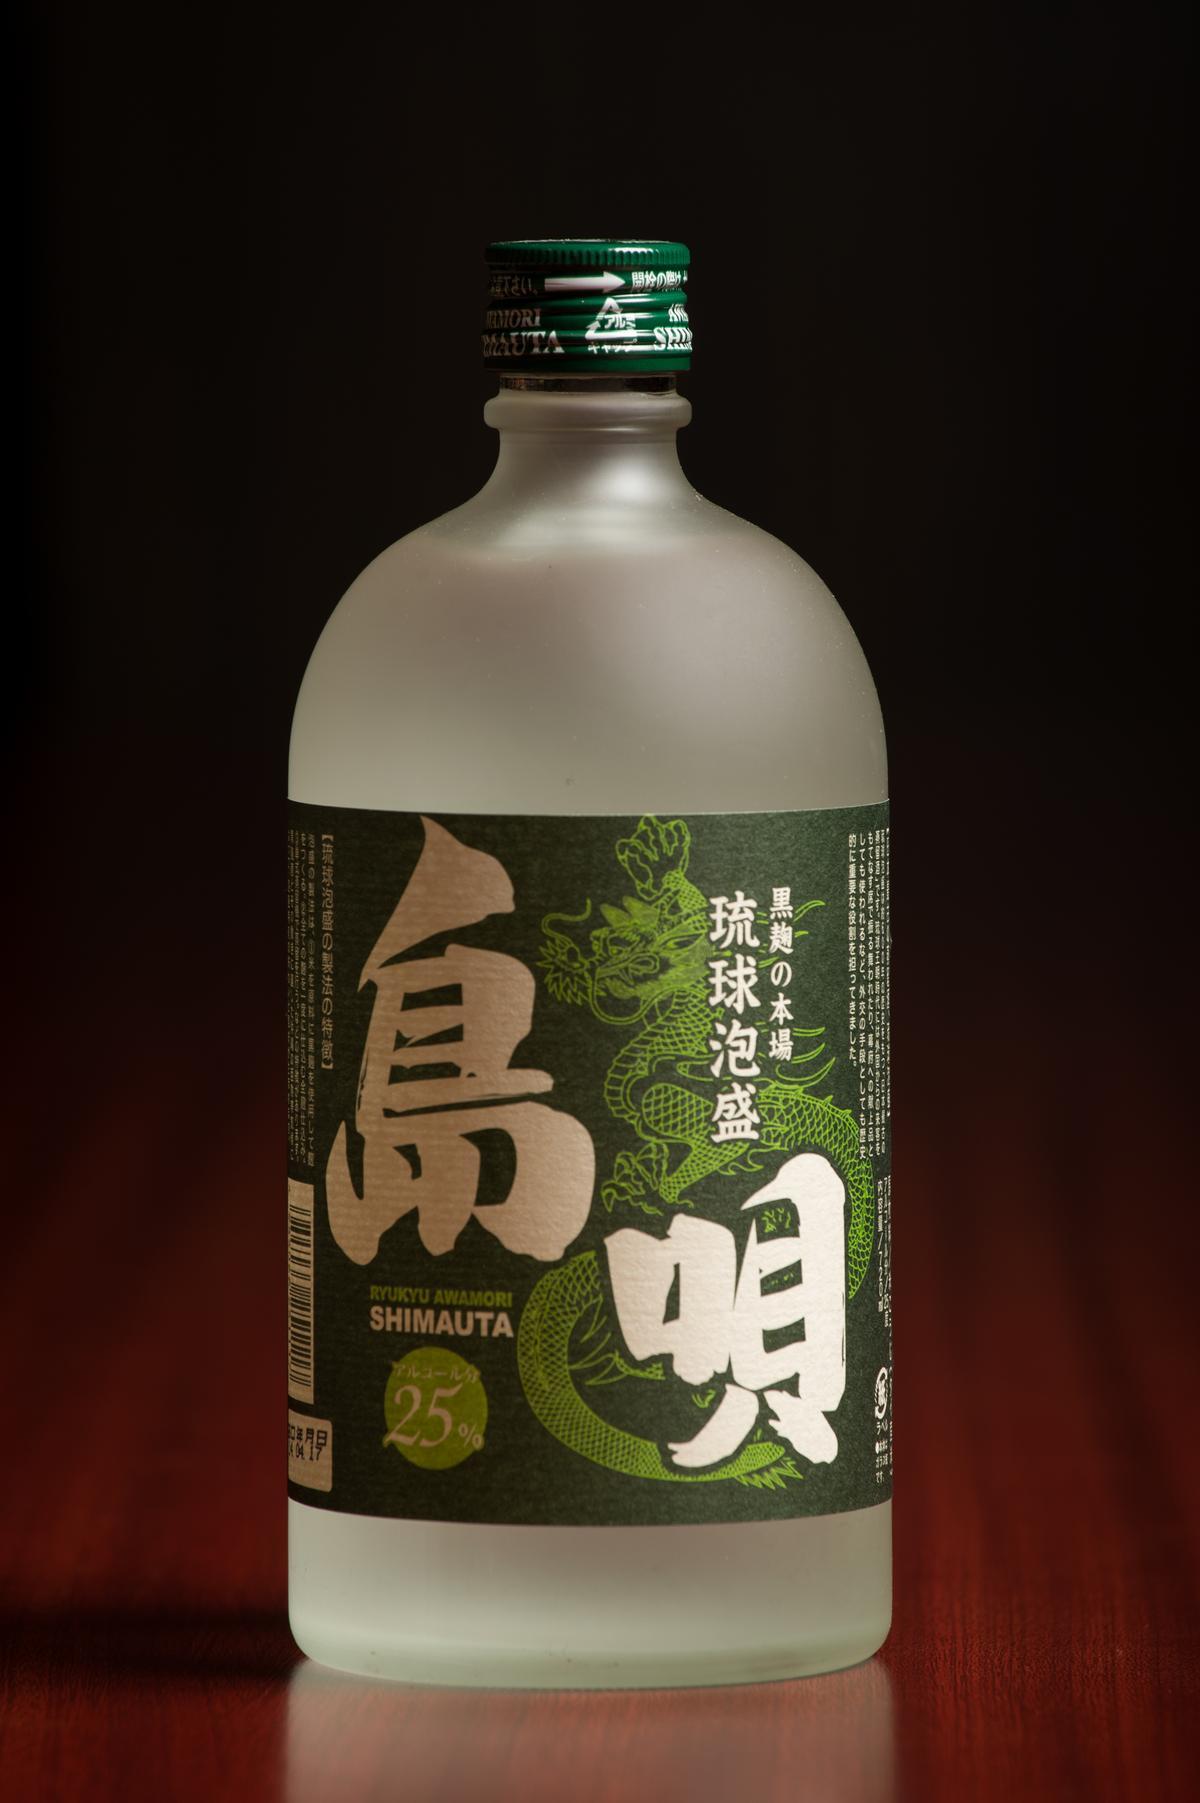 「島唄」是在沖繩家喻戶曉的品牌,屬於穩重紮實的傳統口味,容易入口,也適合搭配各種料理。(1,050元/瓶)